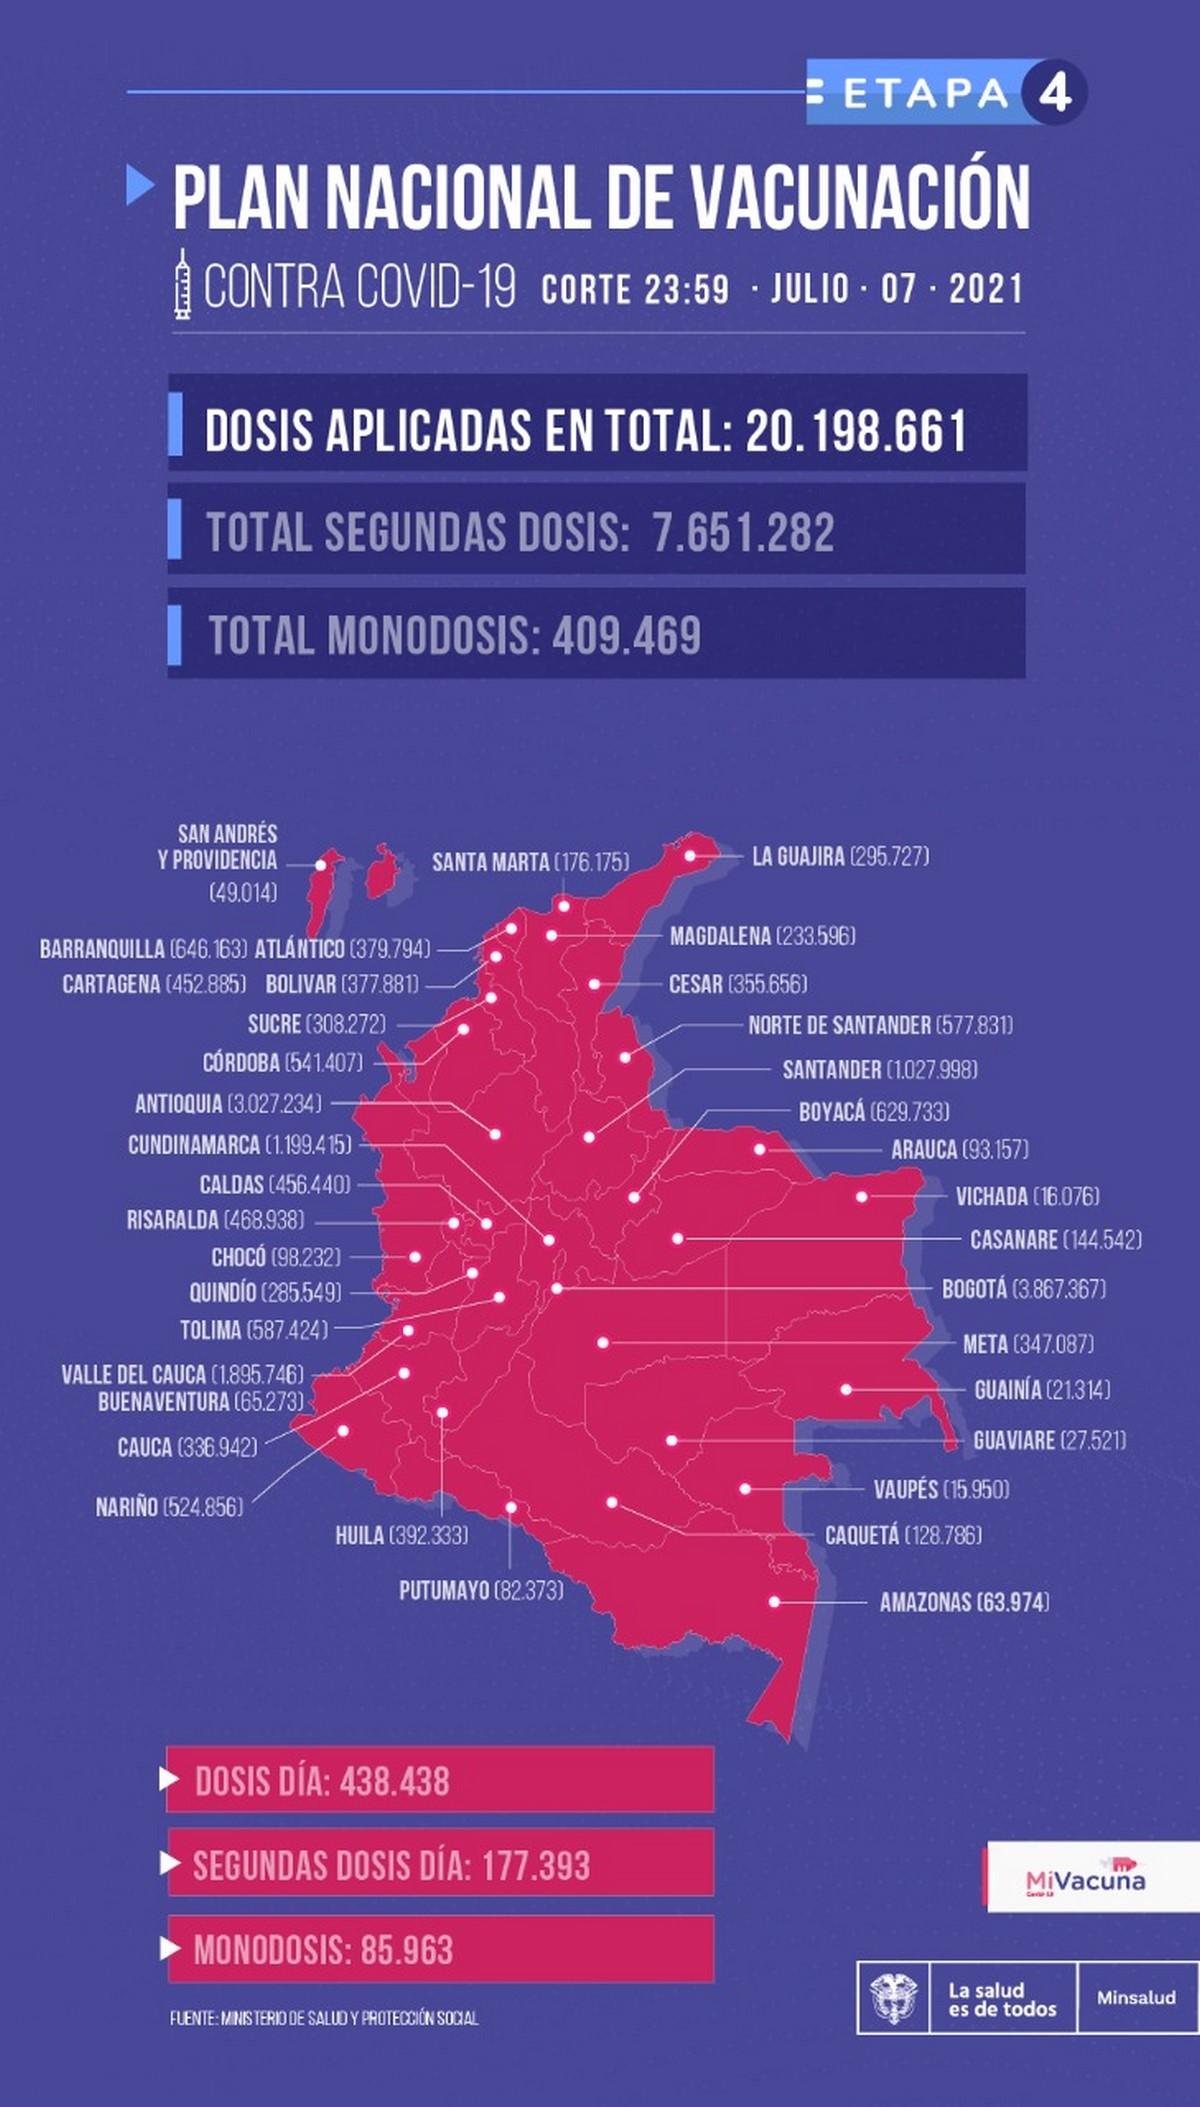 Vacunacion Colombia 7 de julio